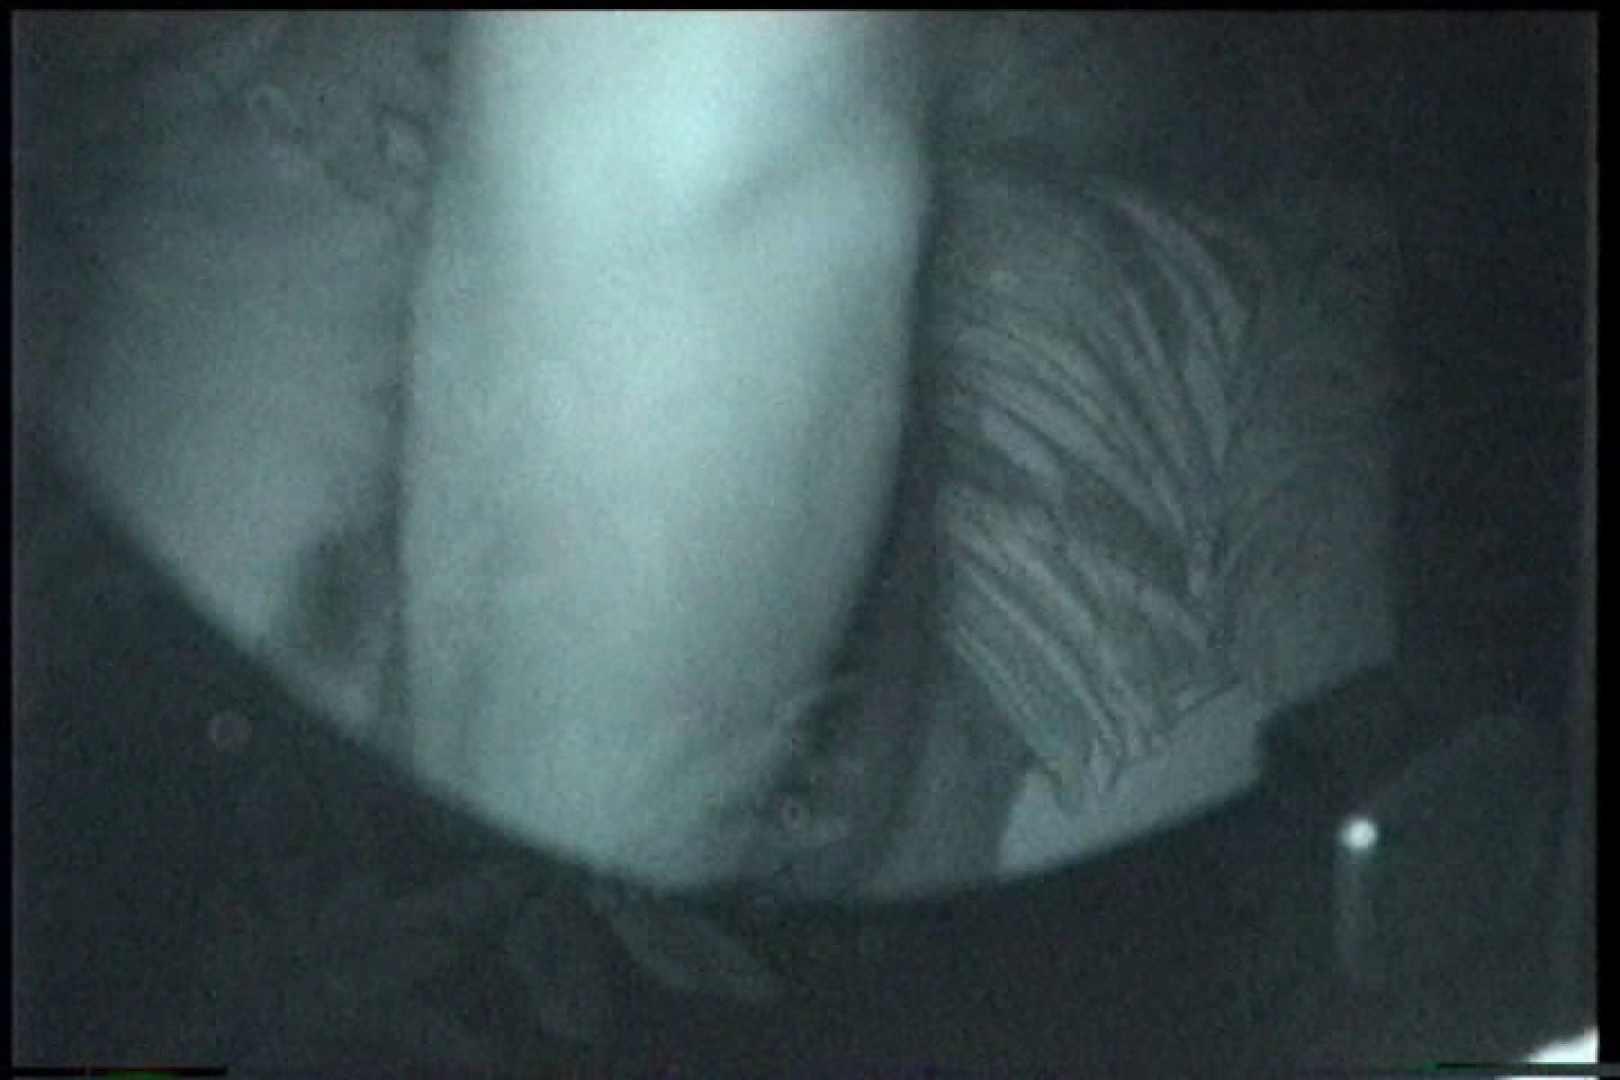 充血監督の深夜の運動会Vol.180 エロティックなOL 盗撮画像 89画像 58